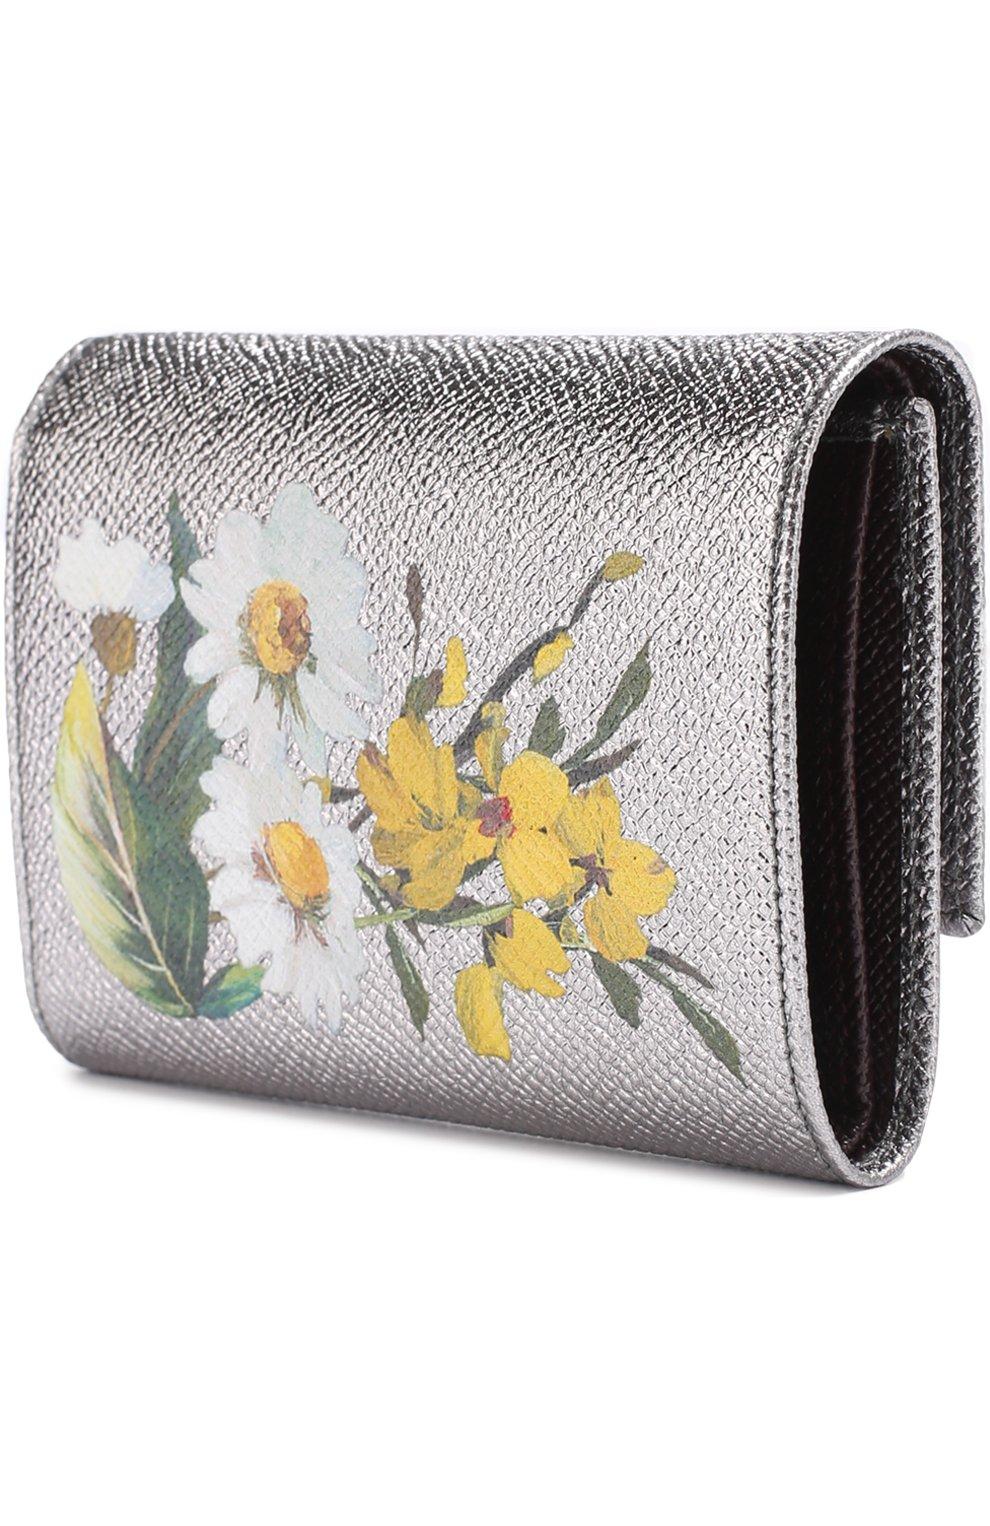 Портмоне из металлизированной кожи с цветочным принтом Dolce & Gabbana серебряного цвета | Фото №2